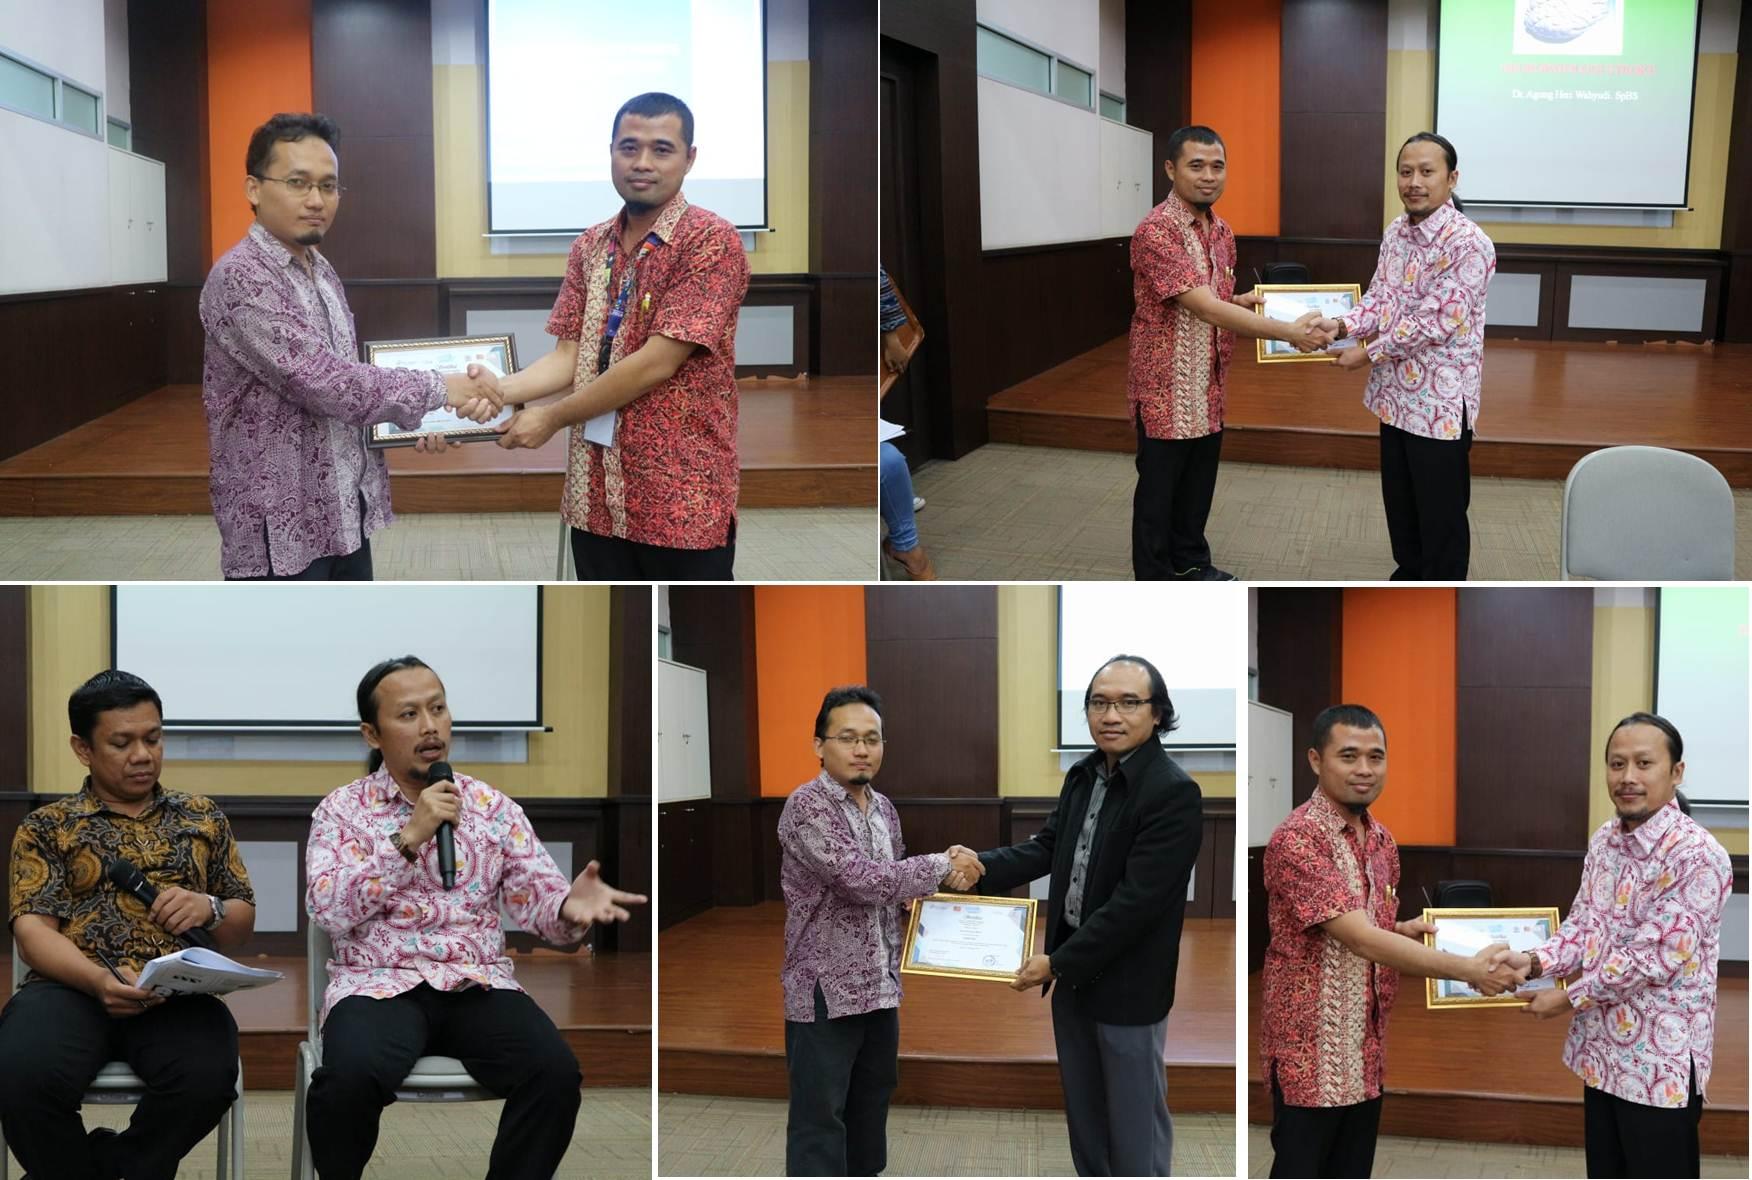 Suasana Saat Foto Bersama di Seminar dan Workshop